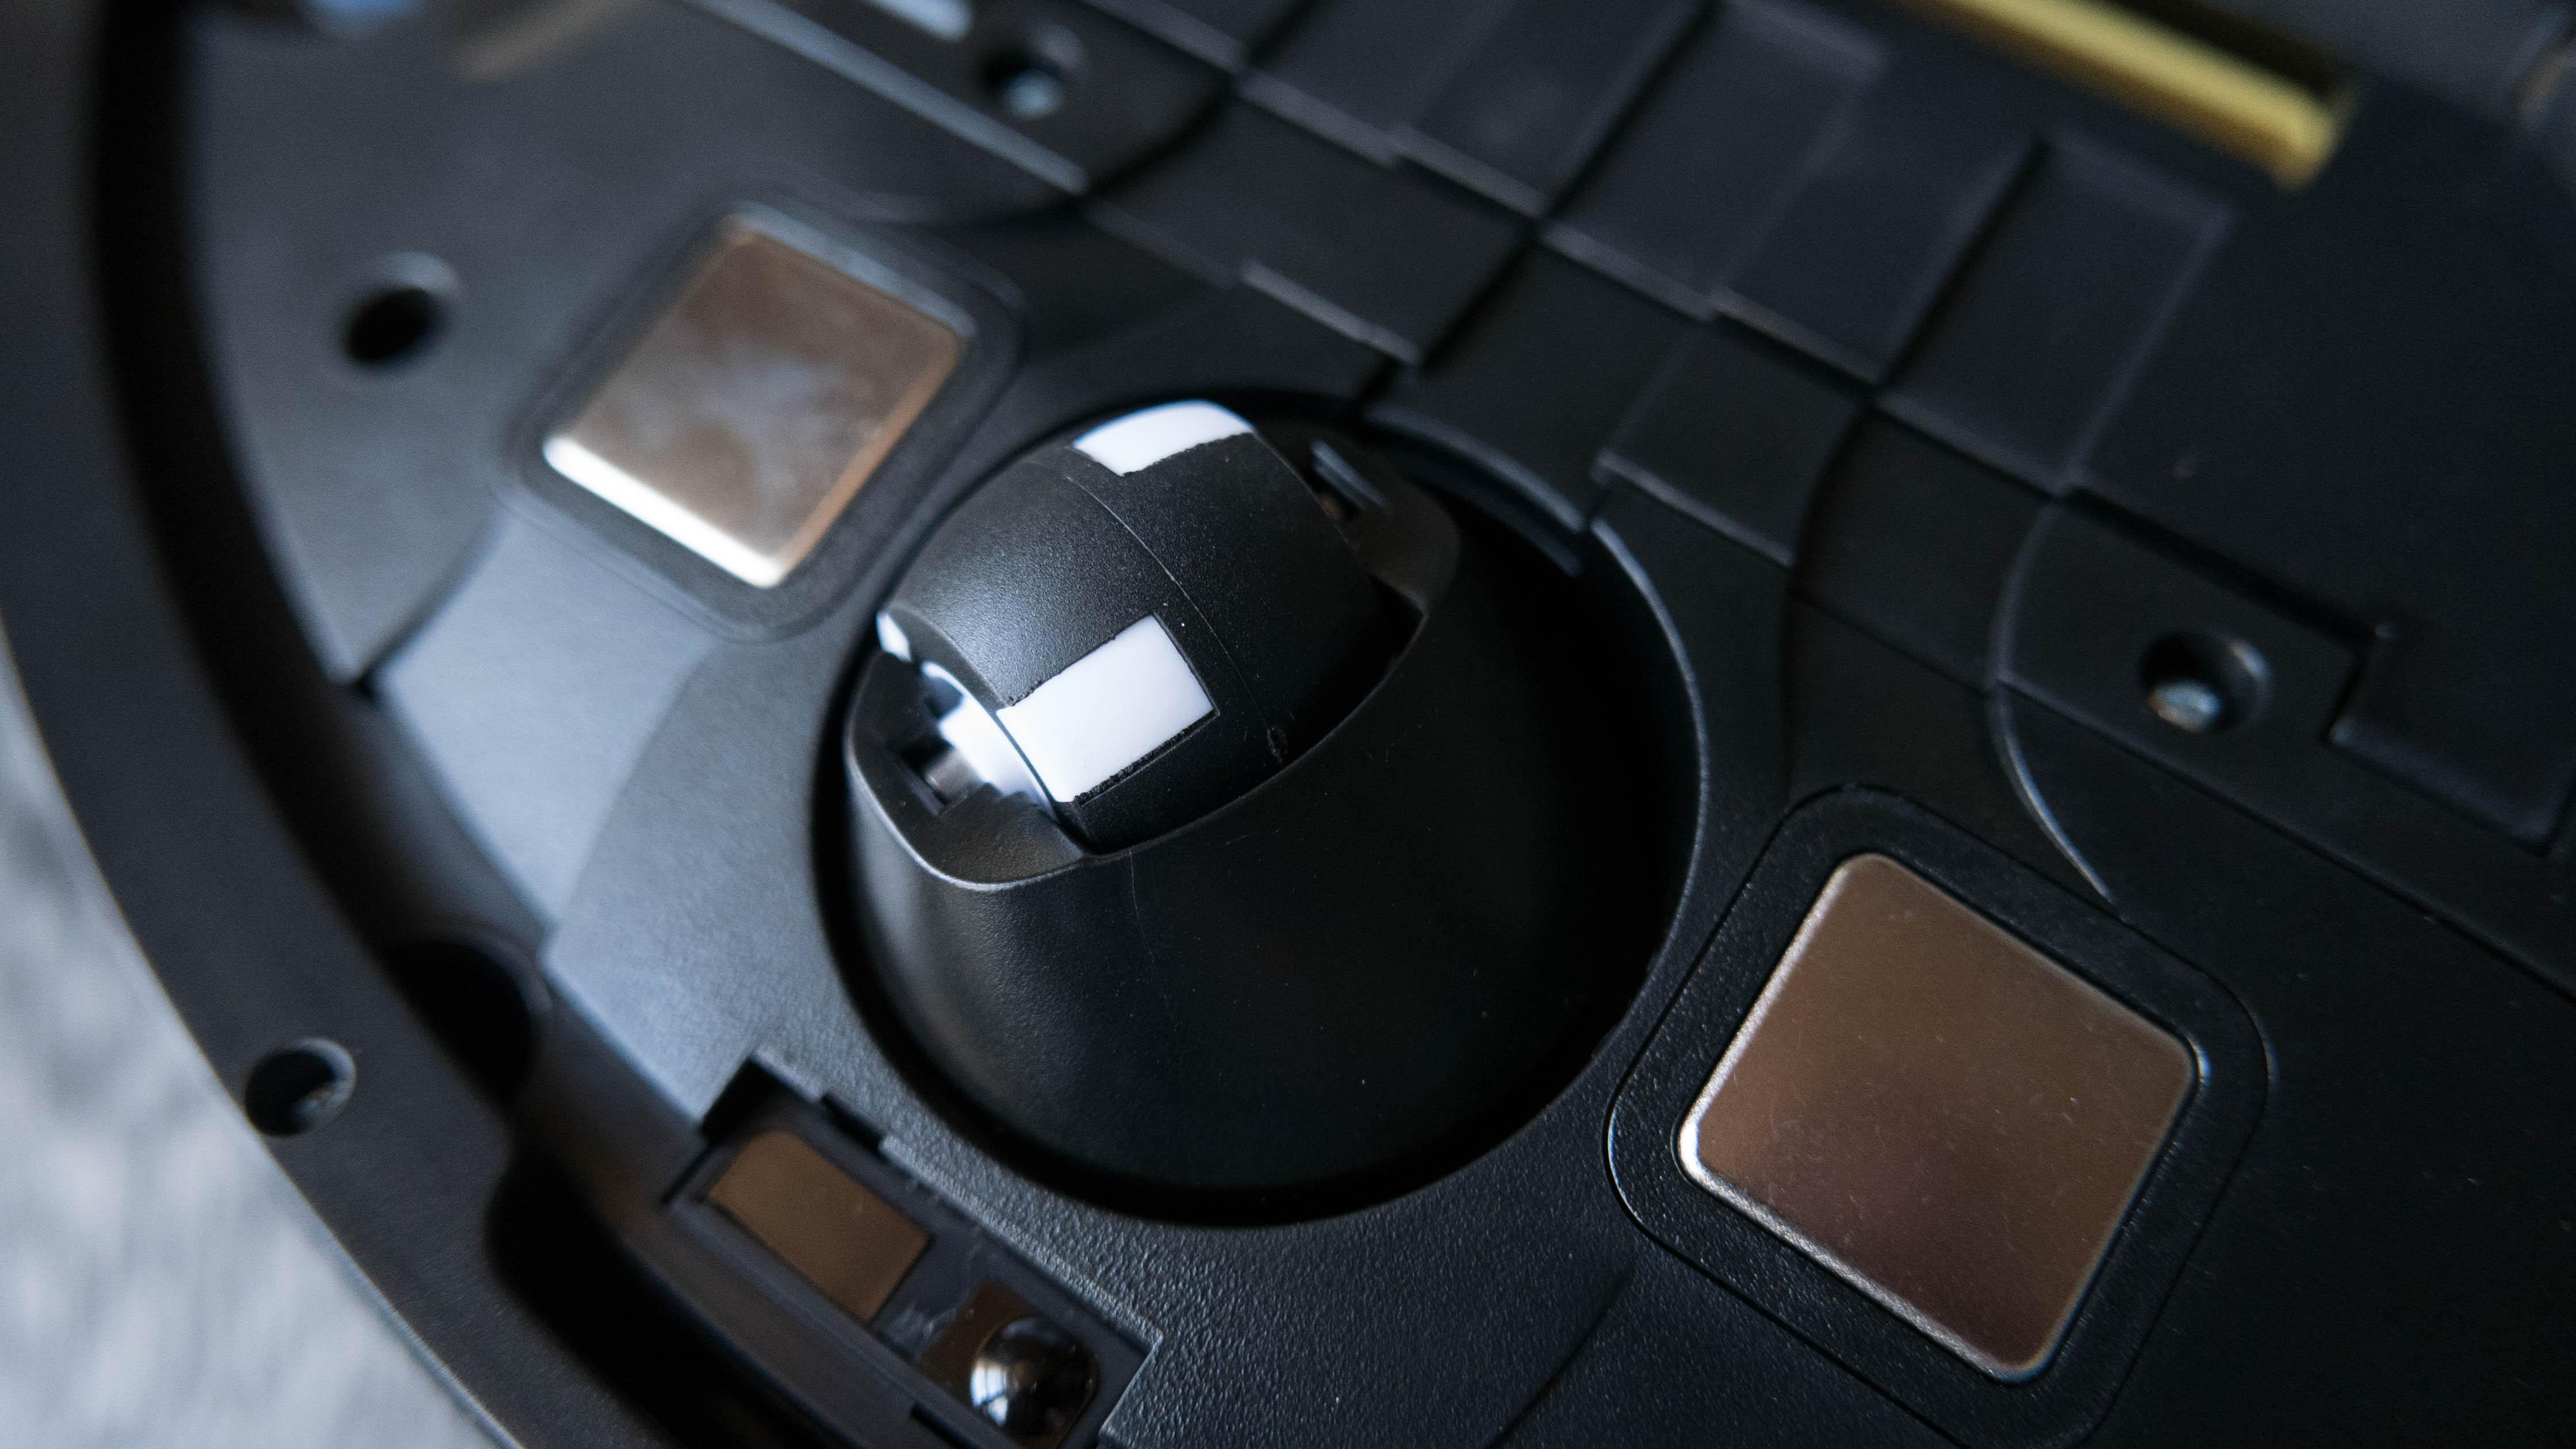 ILIFE V80 Details 20